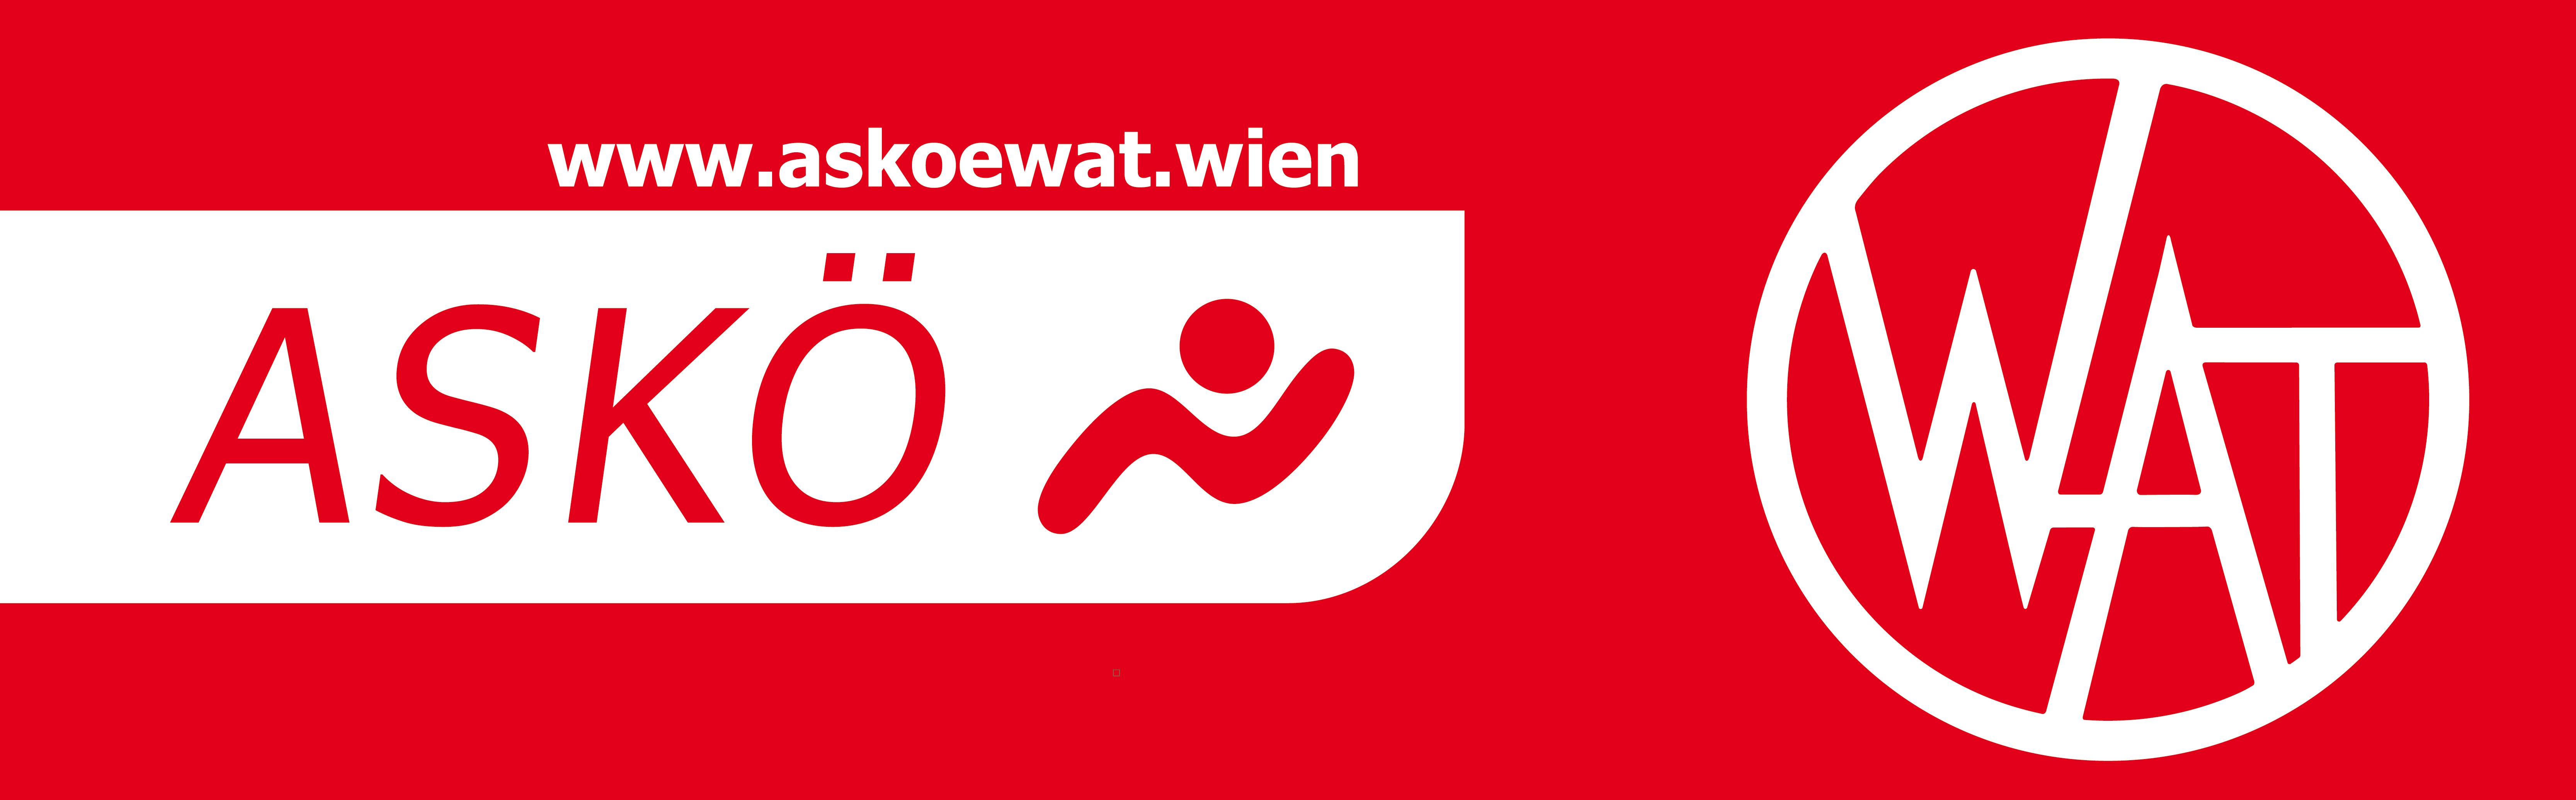 ASKÖ und WAT Logo-01 neg mit Web 300dpi